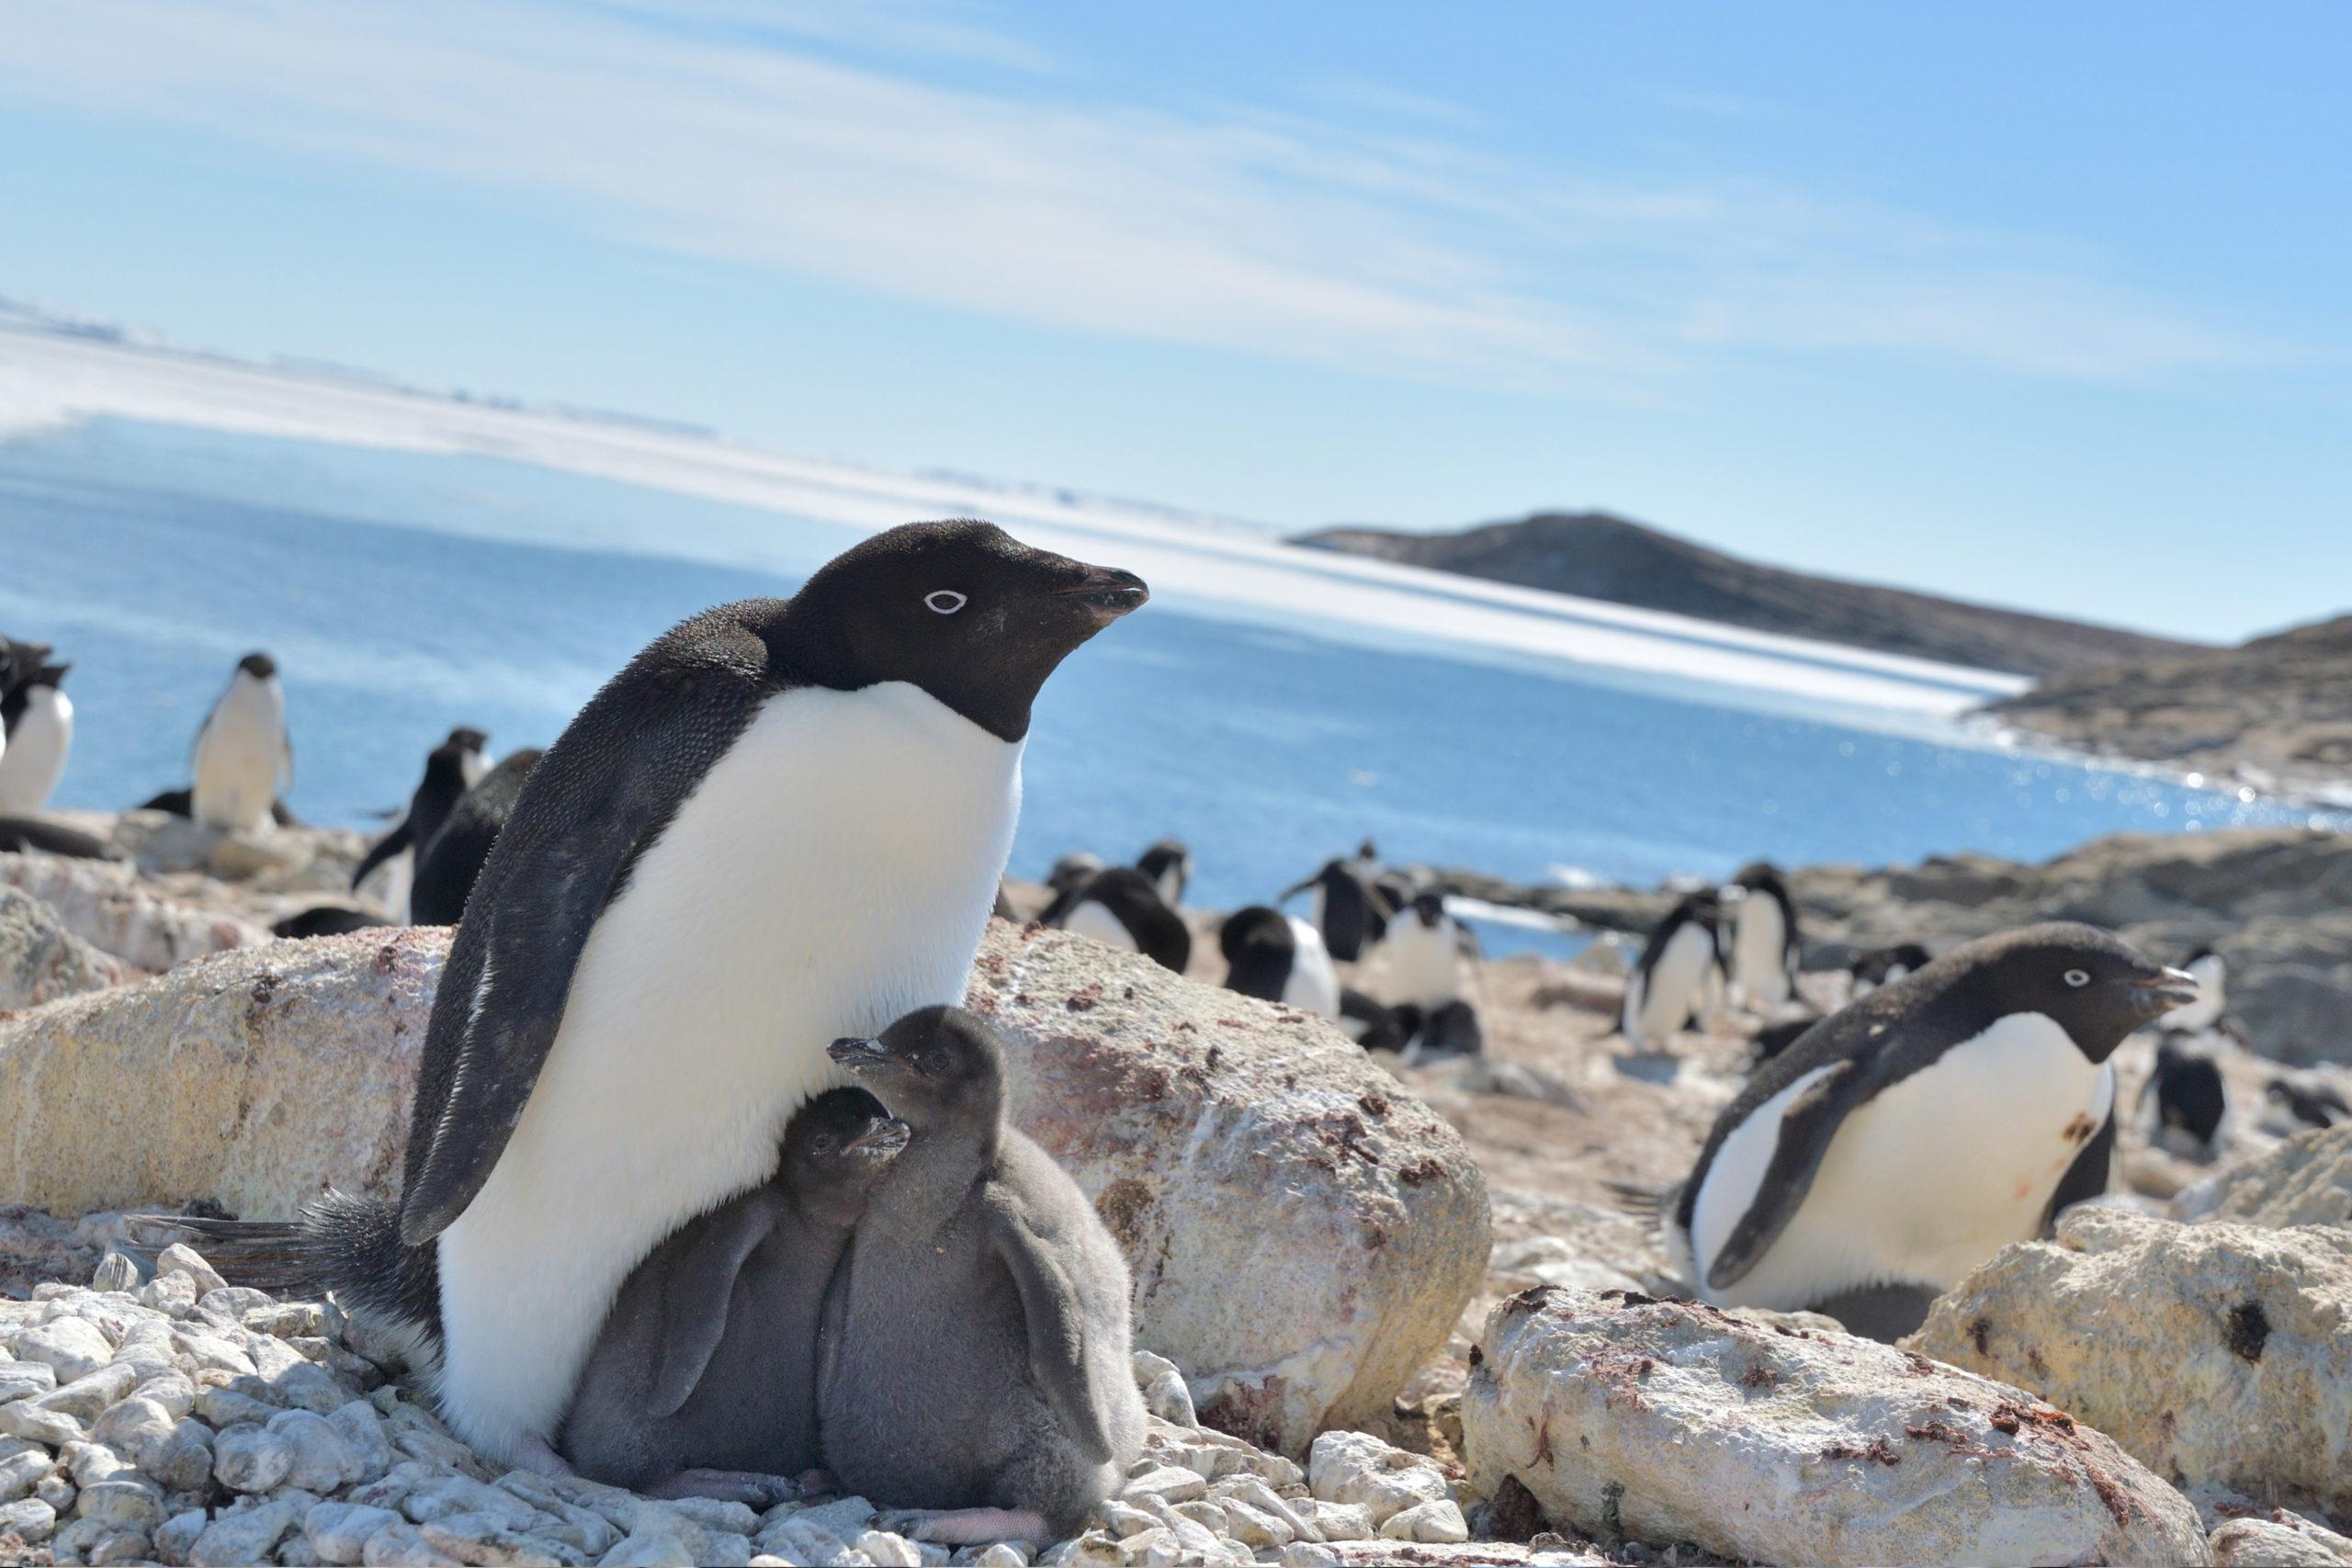 Família de pinguins Adélie. Crédito: Yuuki Watanabe/Instituto Nacional de Pesquisa Polar do Japão